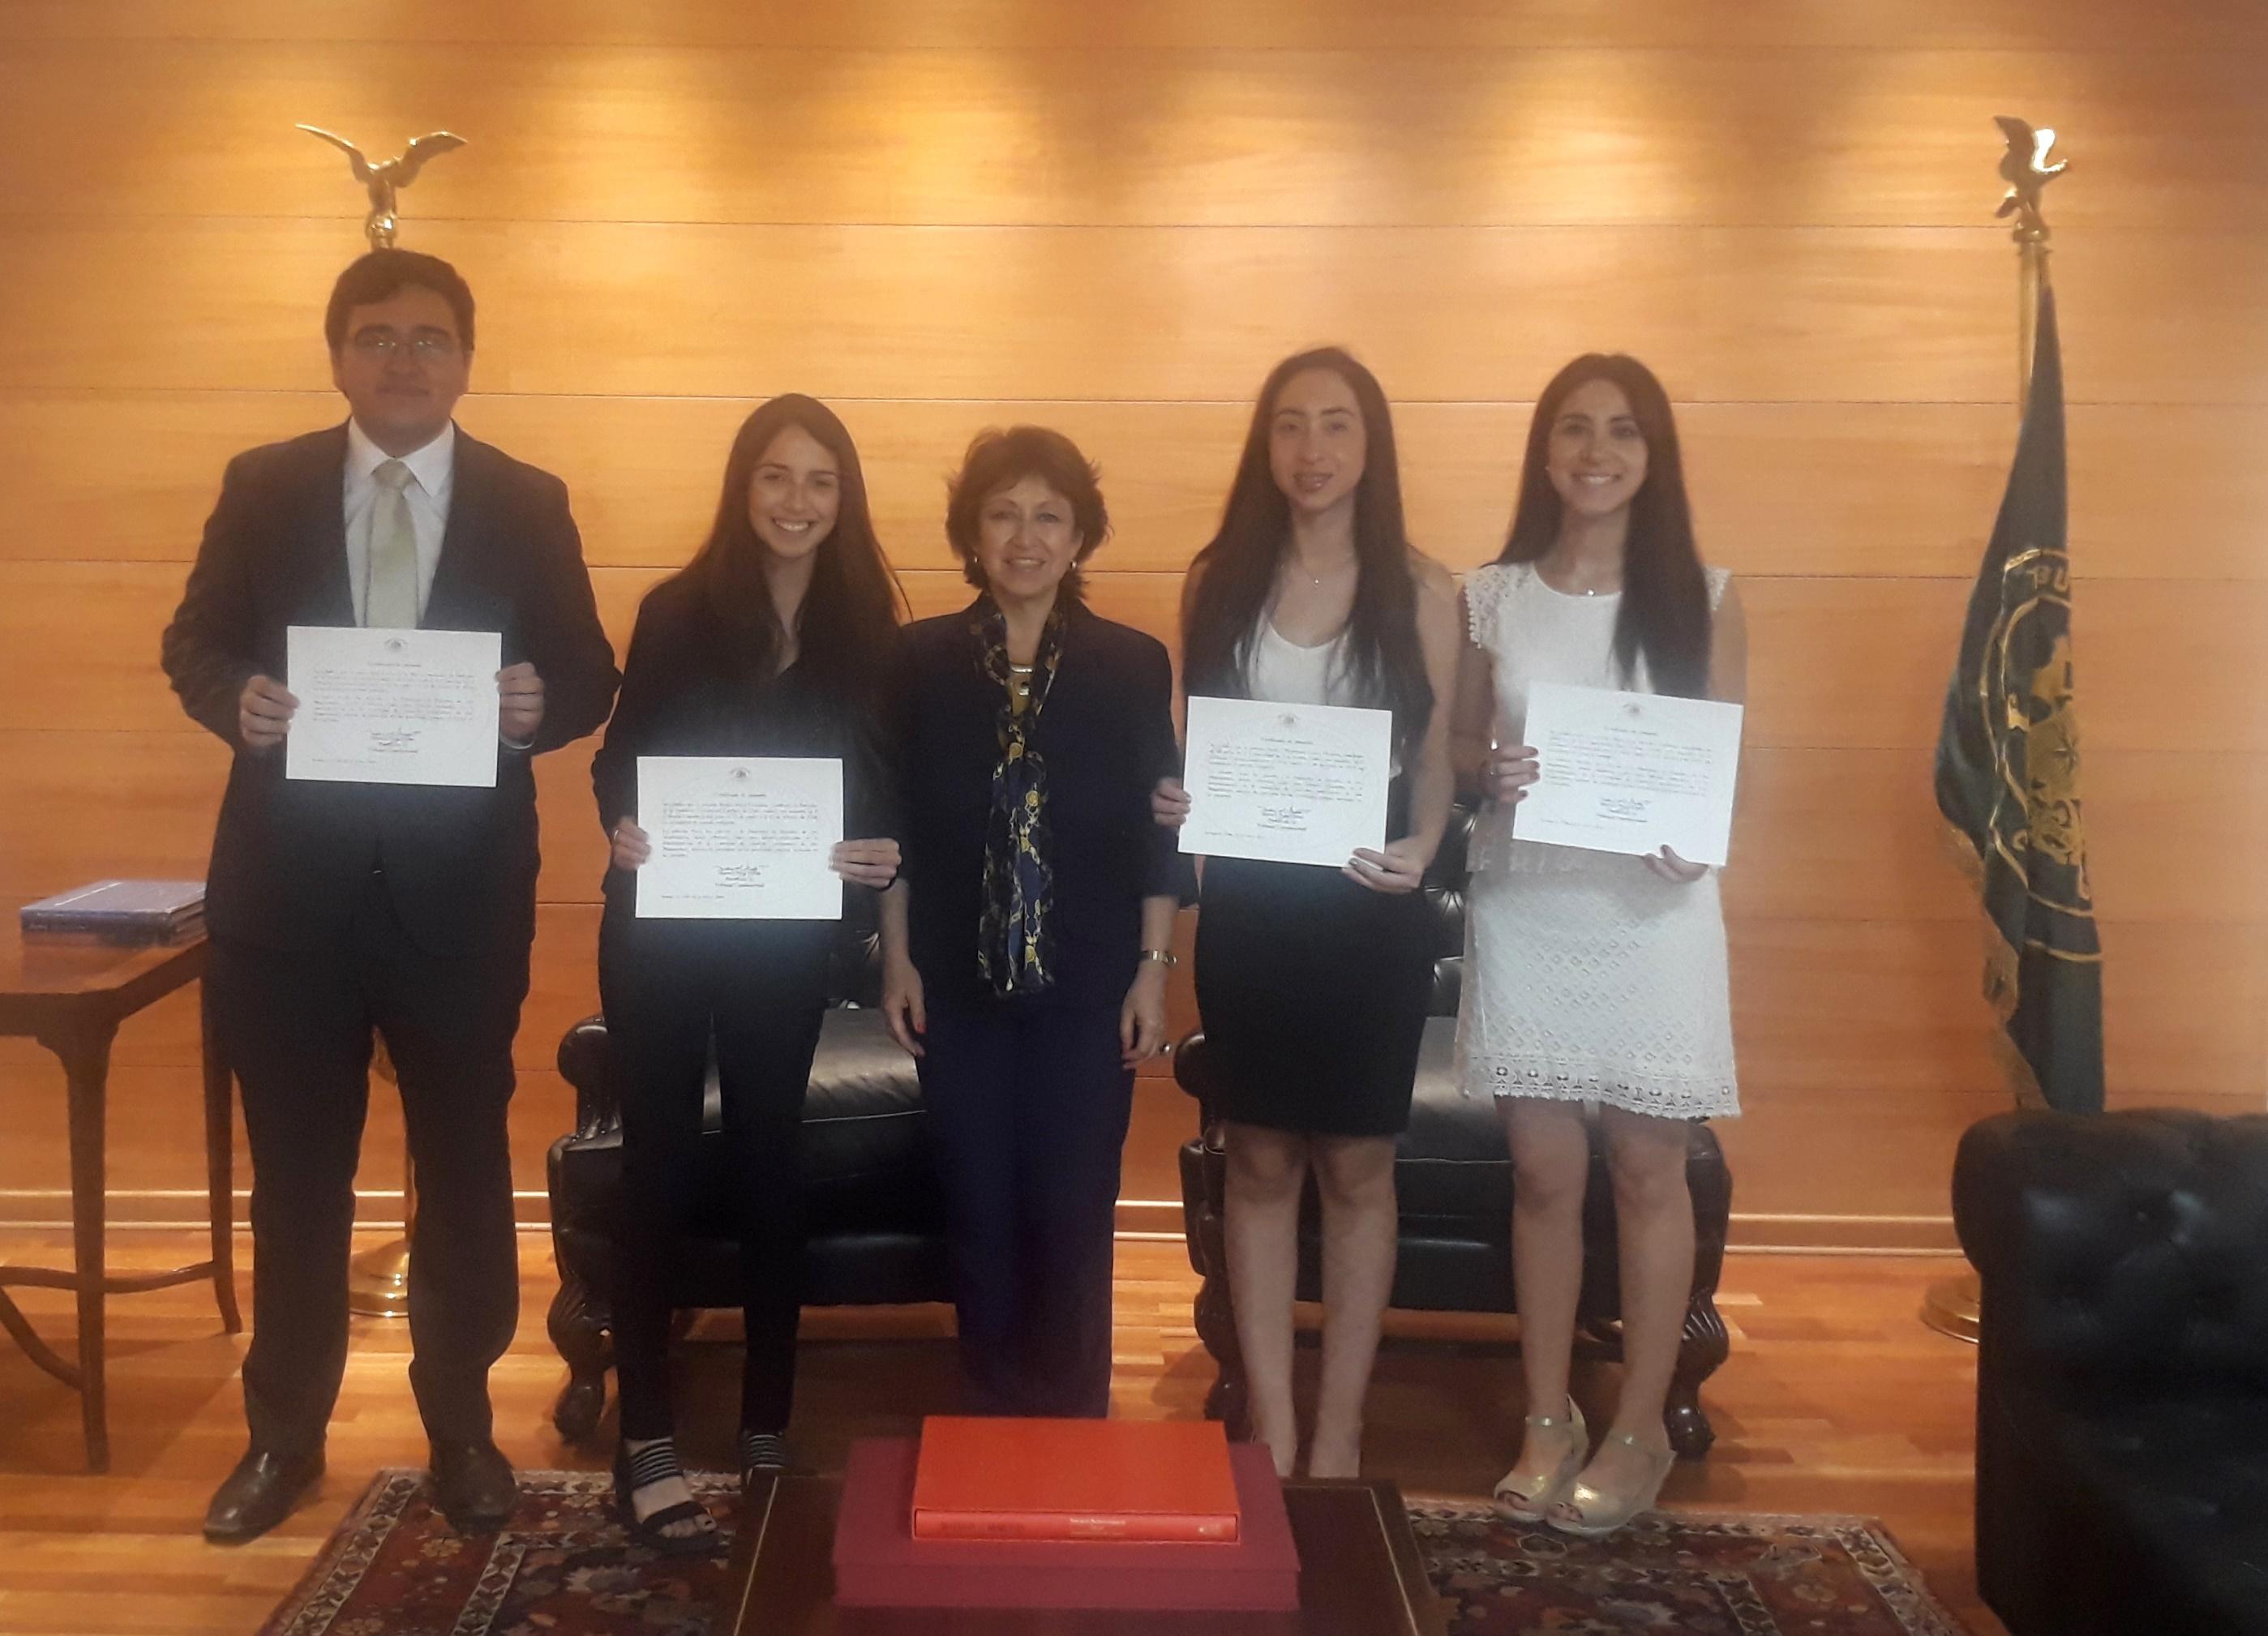 Egresada y Alumnos de Derecho que realizaron pasantía académica en el Tribunal Constitucional, culminan proceso y reciben sus certificados